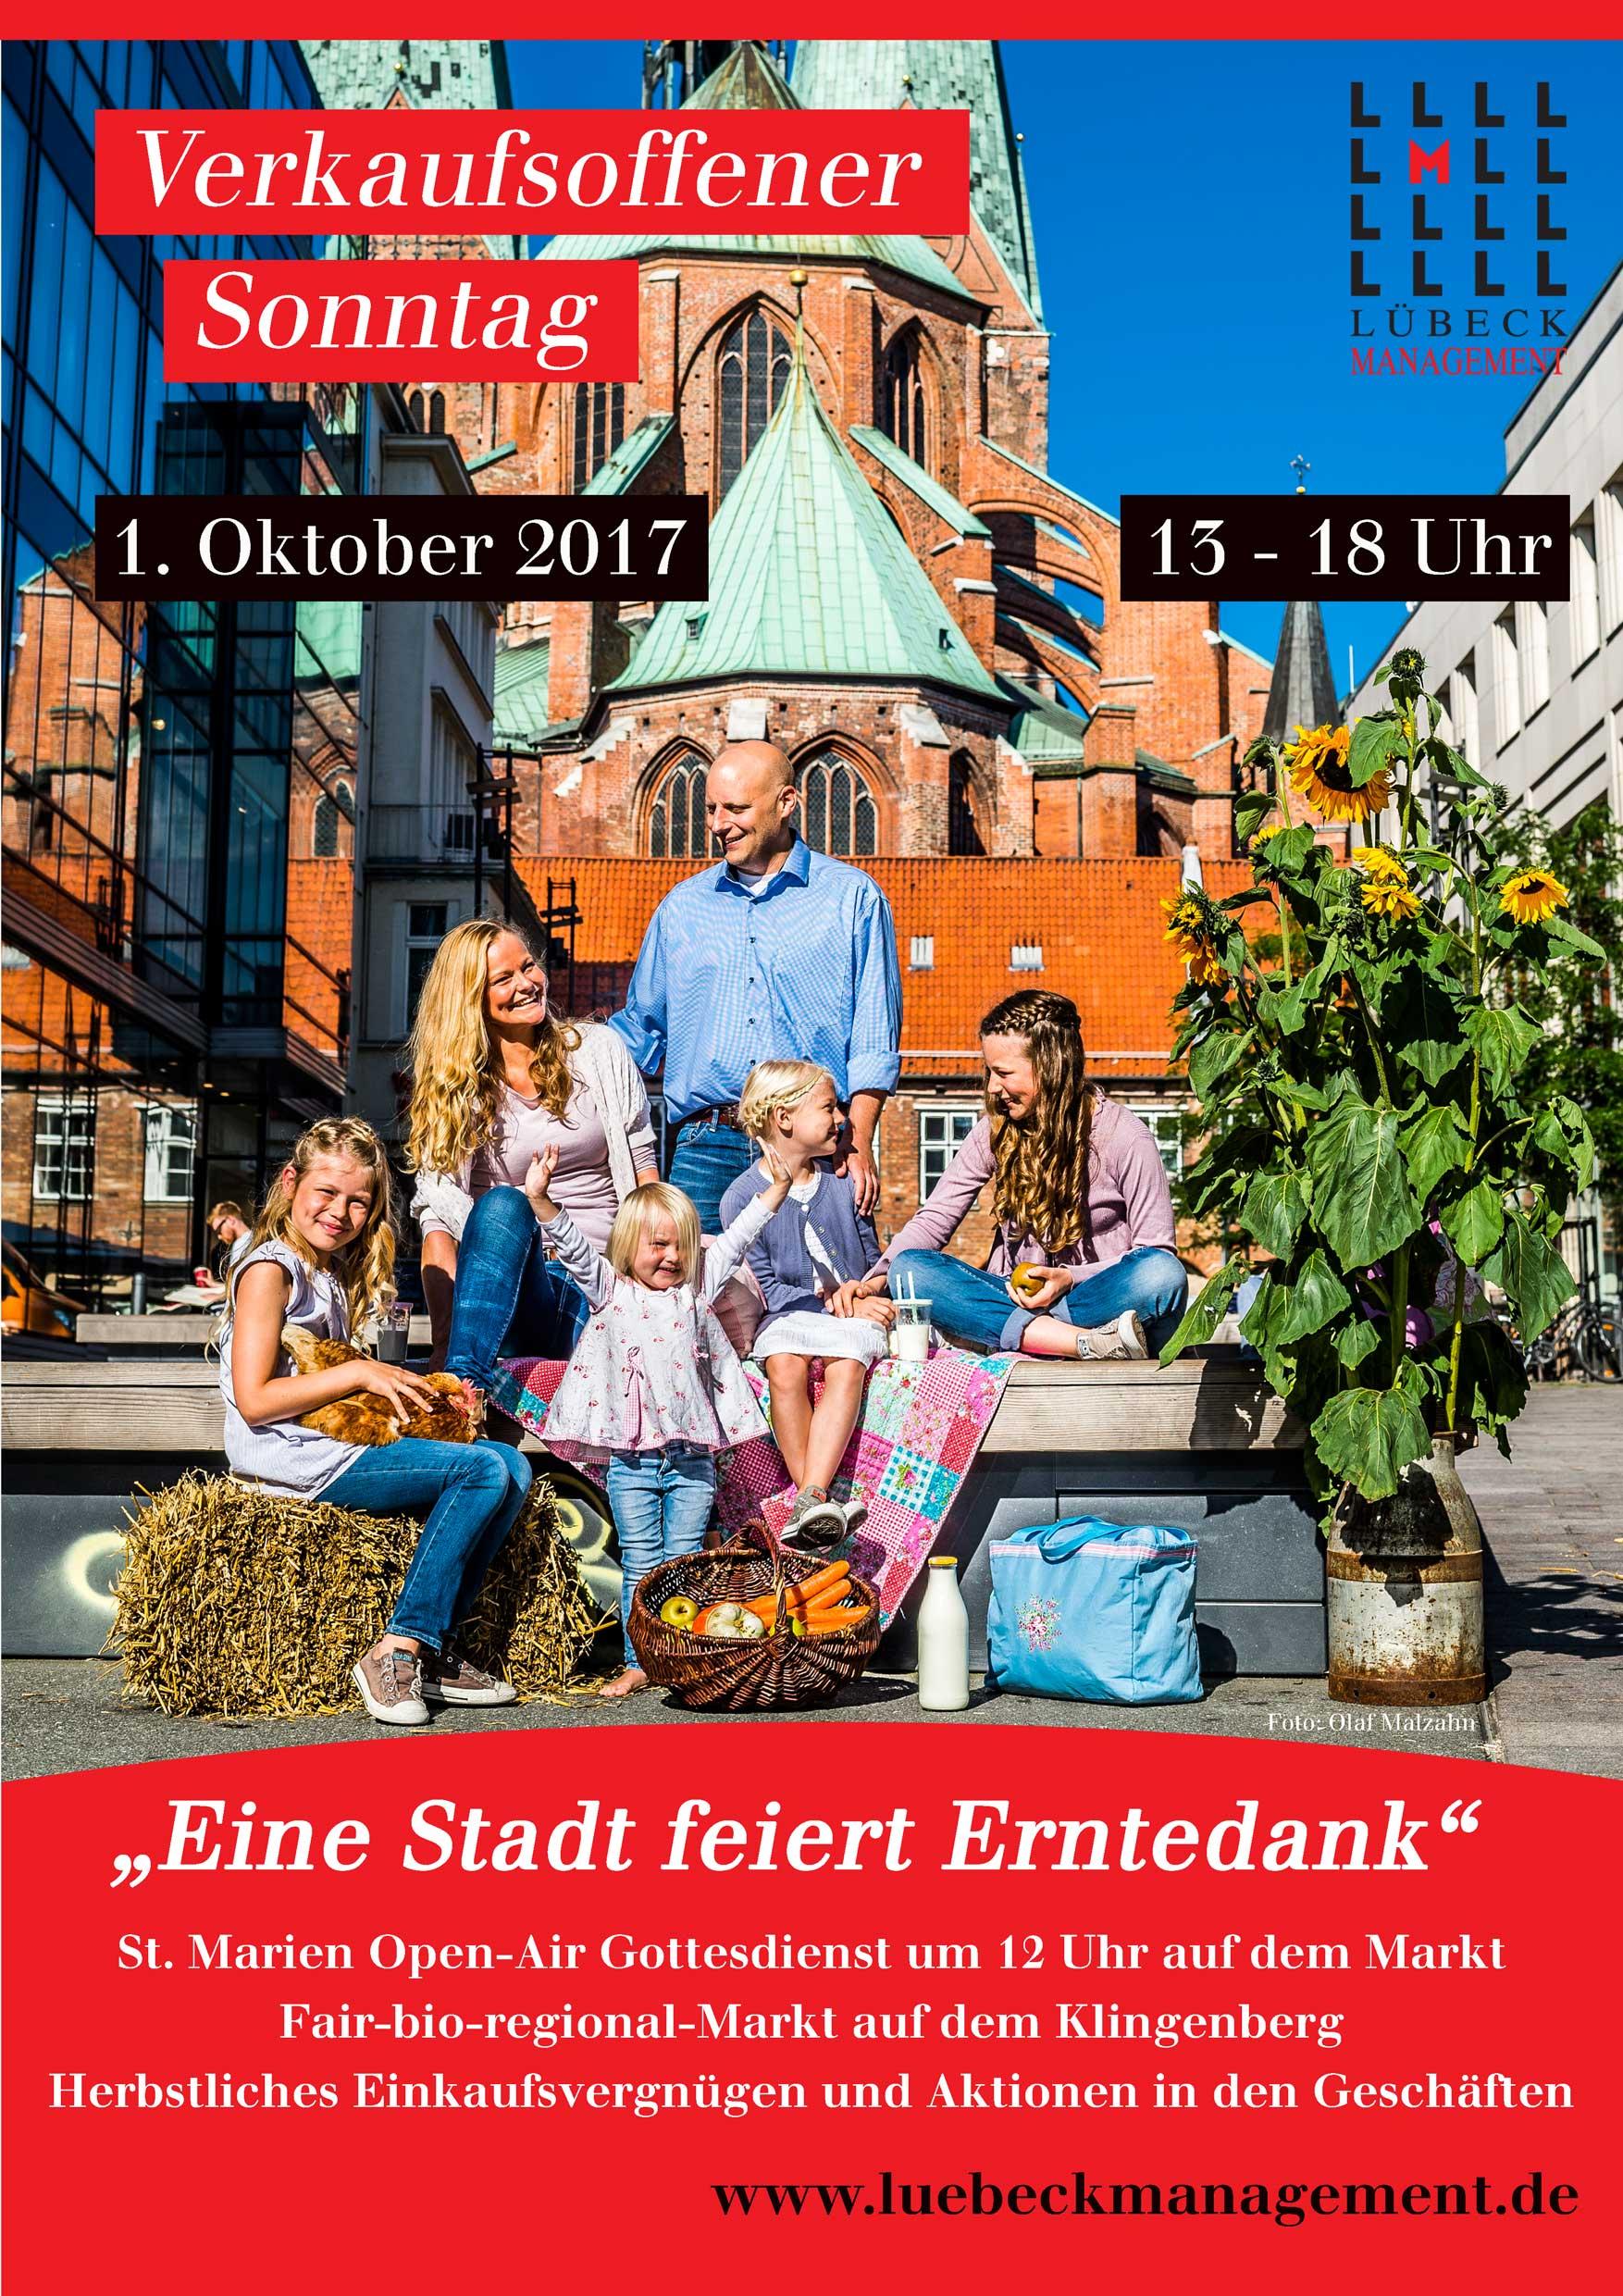 Verkaufsoffener Sonntag In Lubeck Am 1 Oktober 2017 Unter Dem Motto